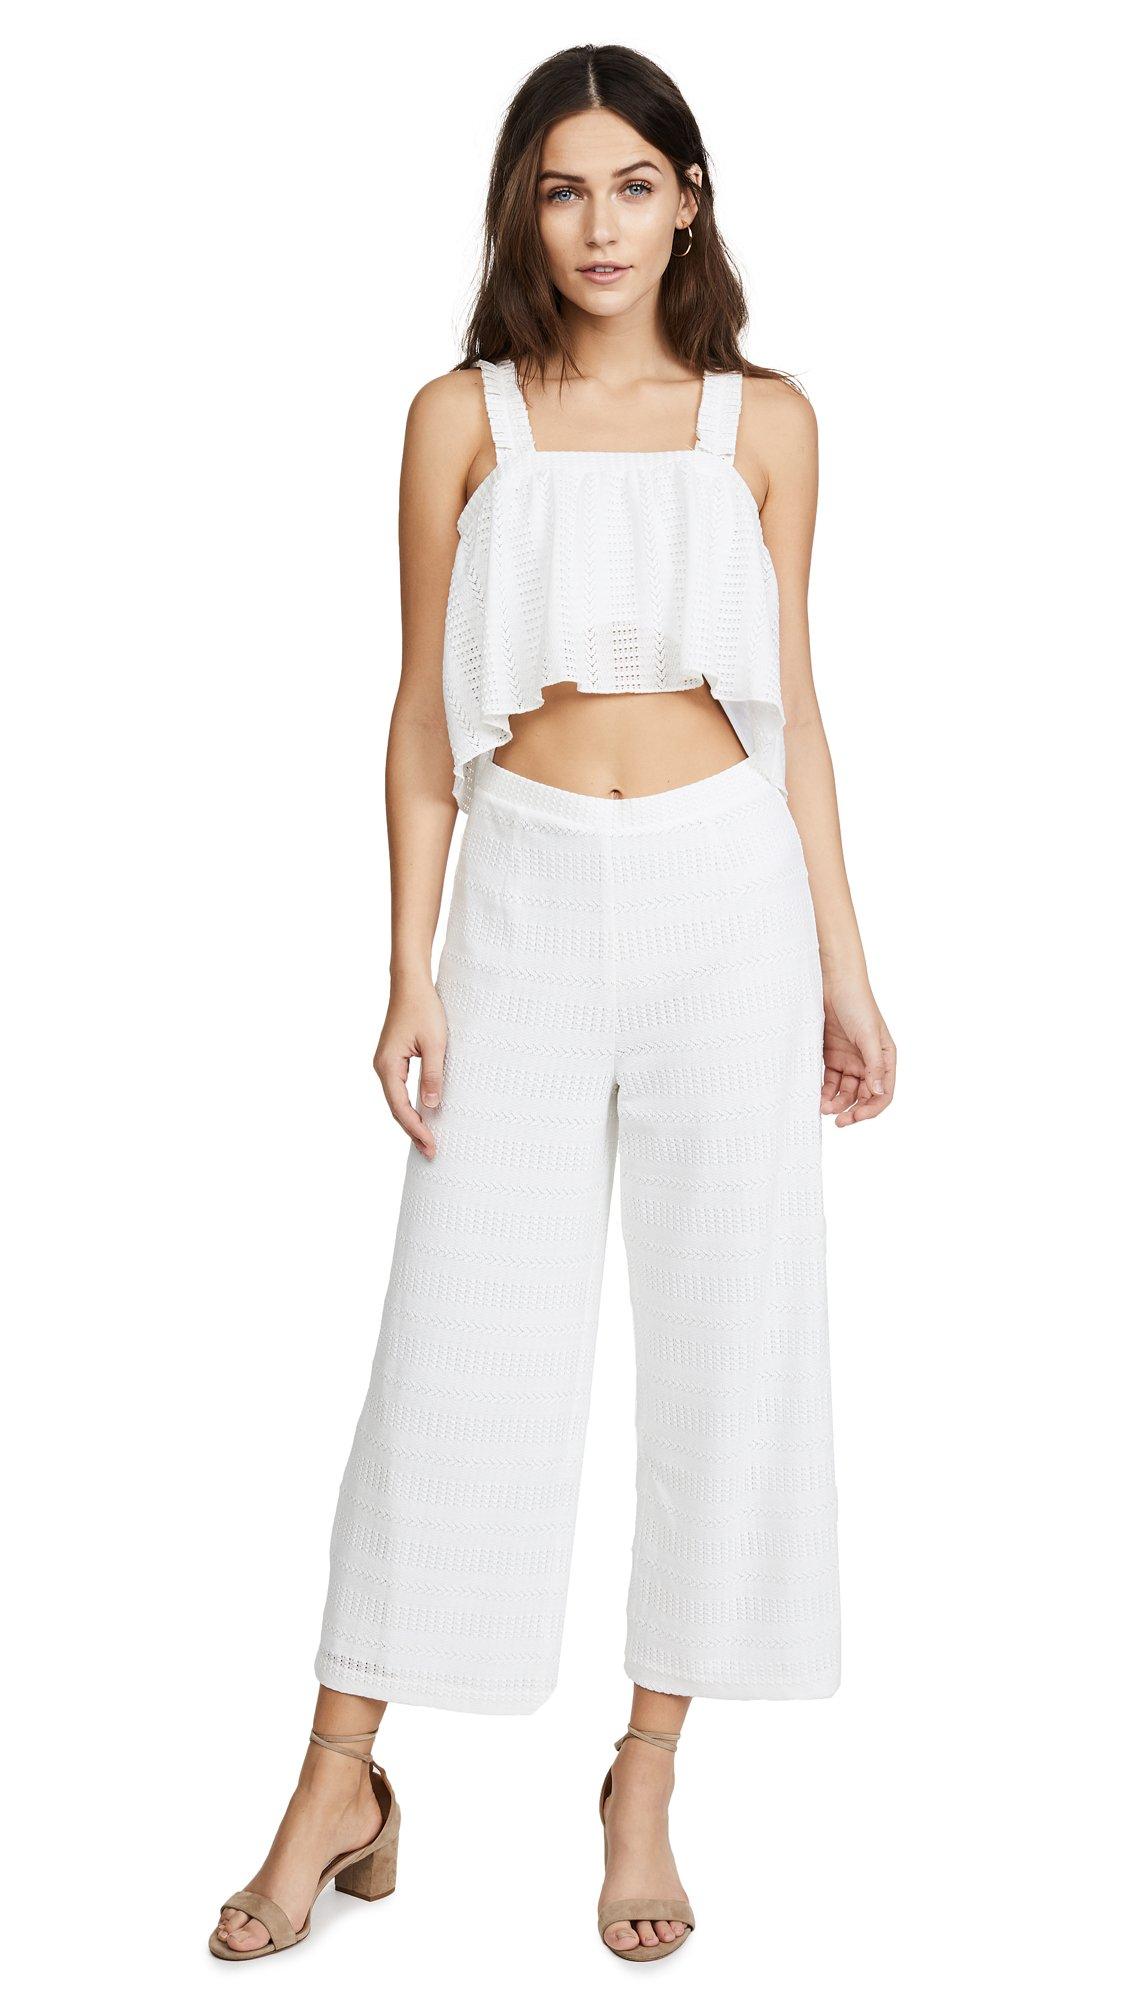 Saylor Women's Zion Jumpsuit, White, Large